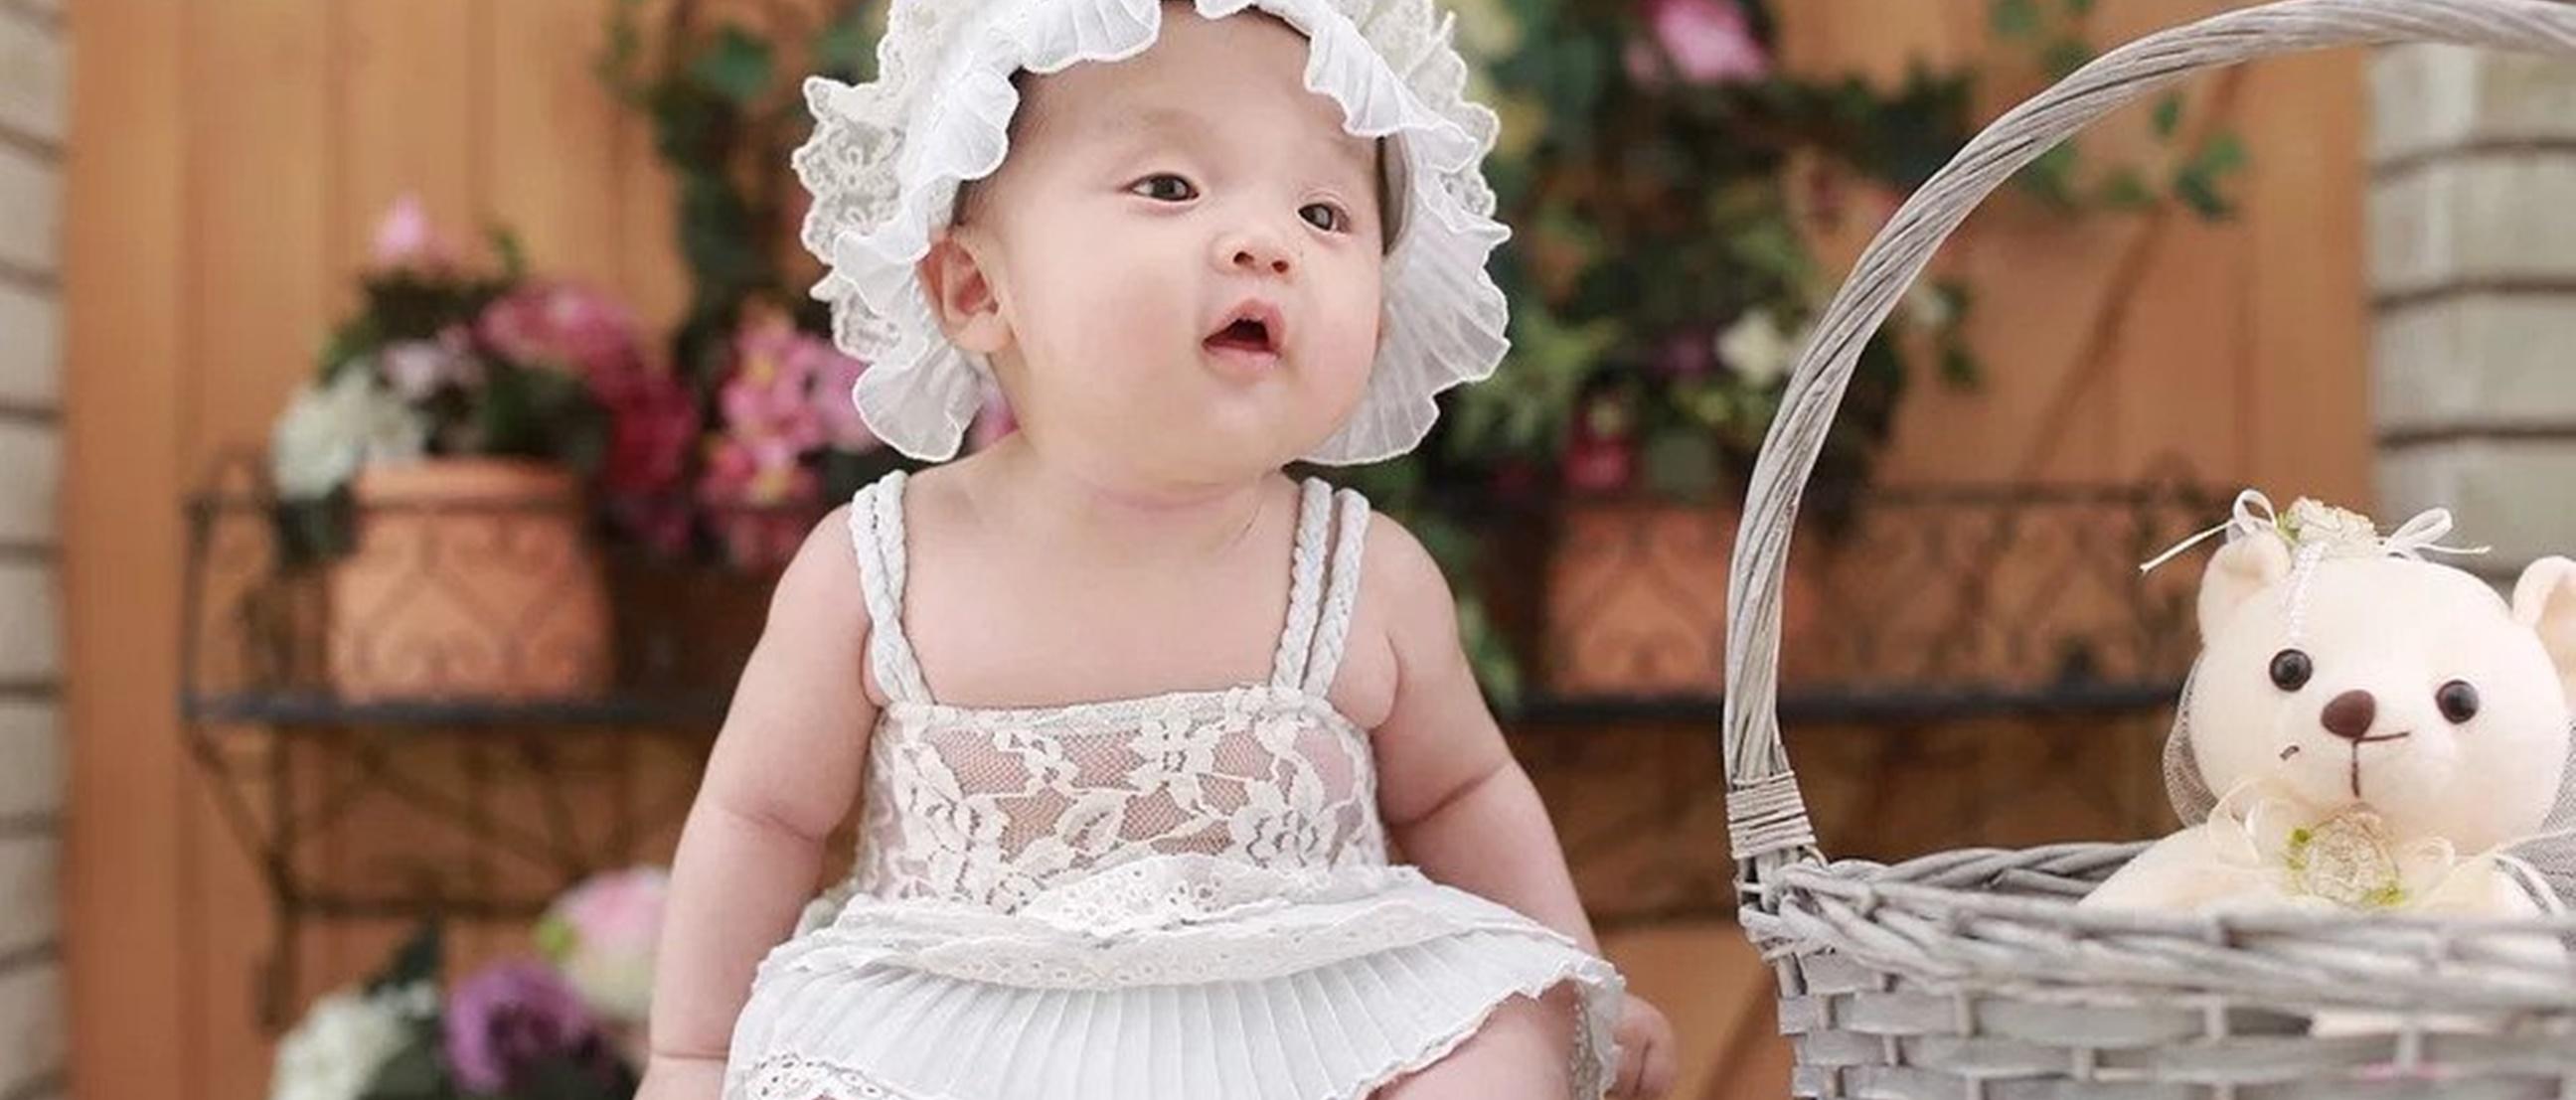 100 Nama bayi perempuan bermakna ratu dan putri